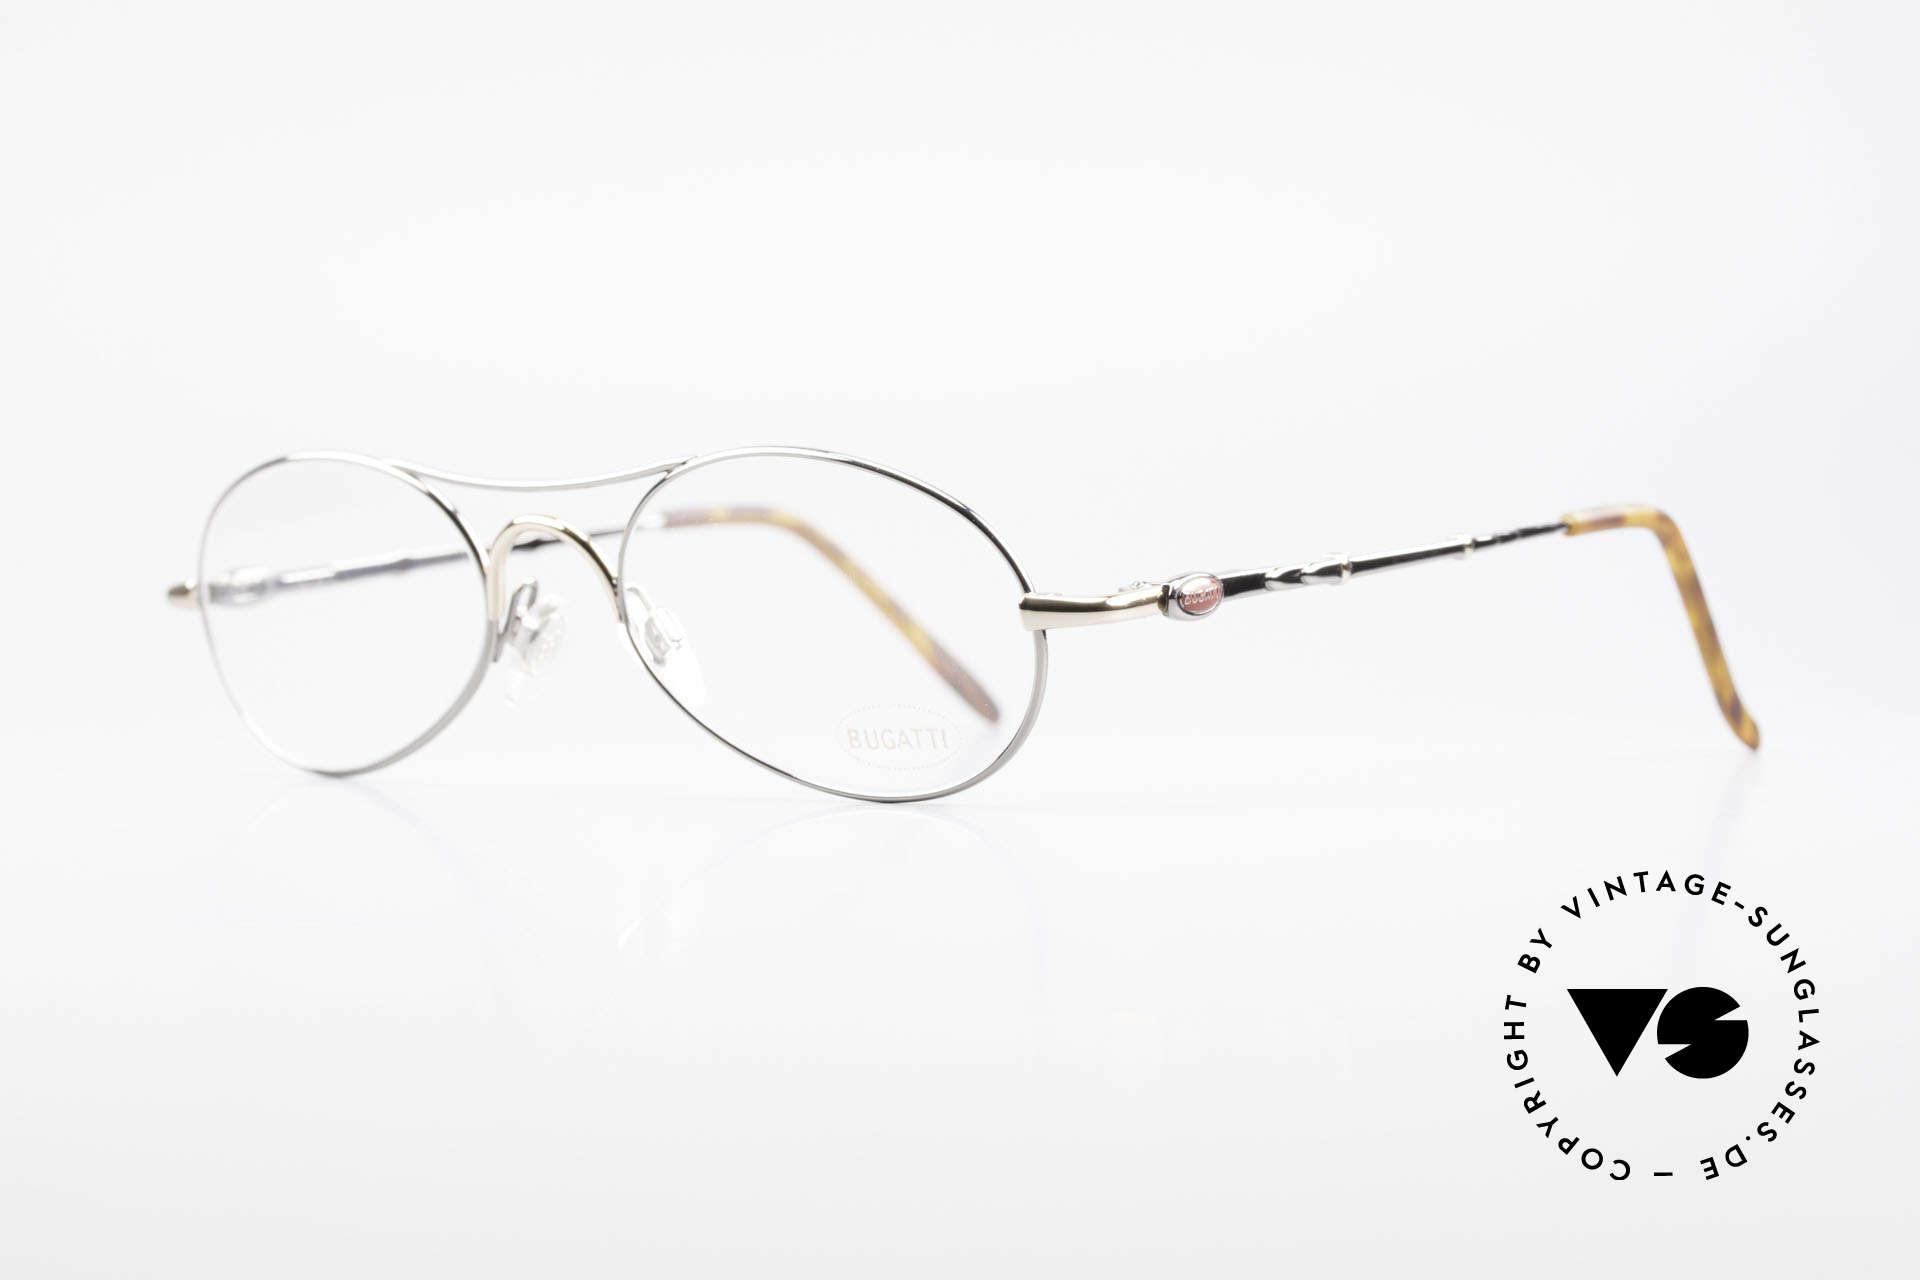 Bugatti 10692 Vintage Herren Luxusbrille, Rahmen in TOP-Qualität mit Feder-Scharnieren, Passend für Herren